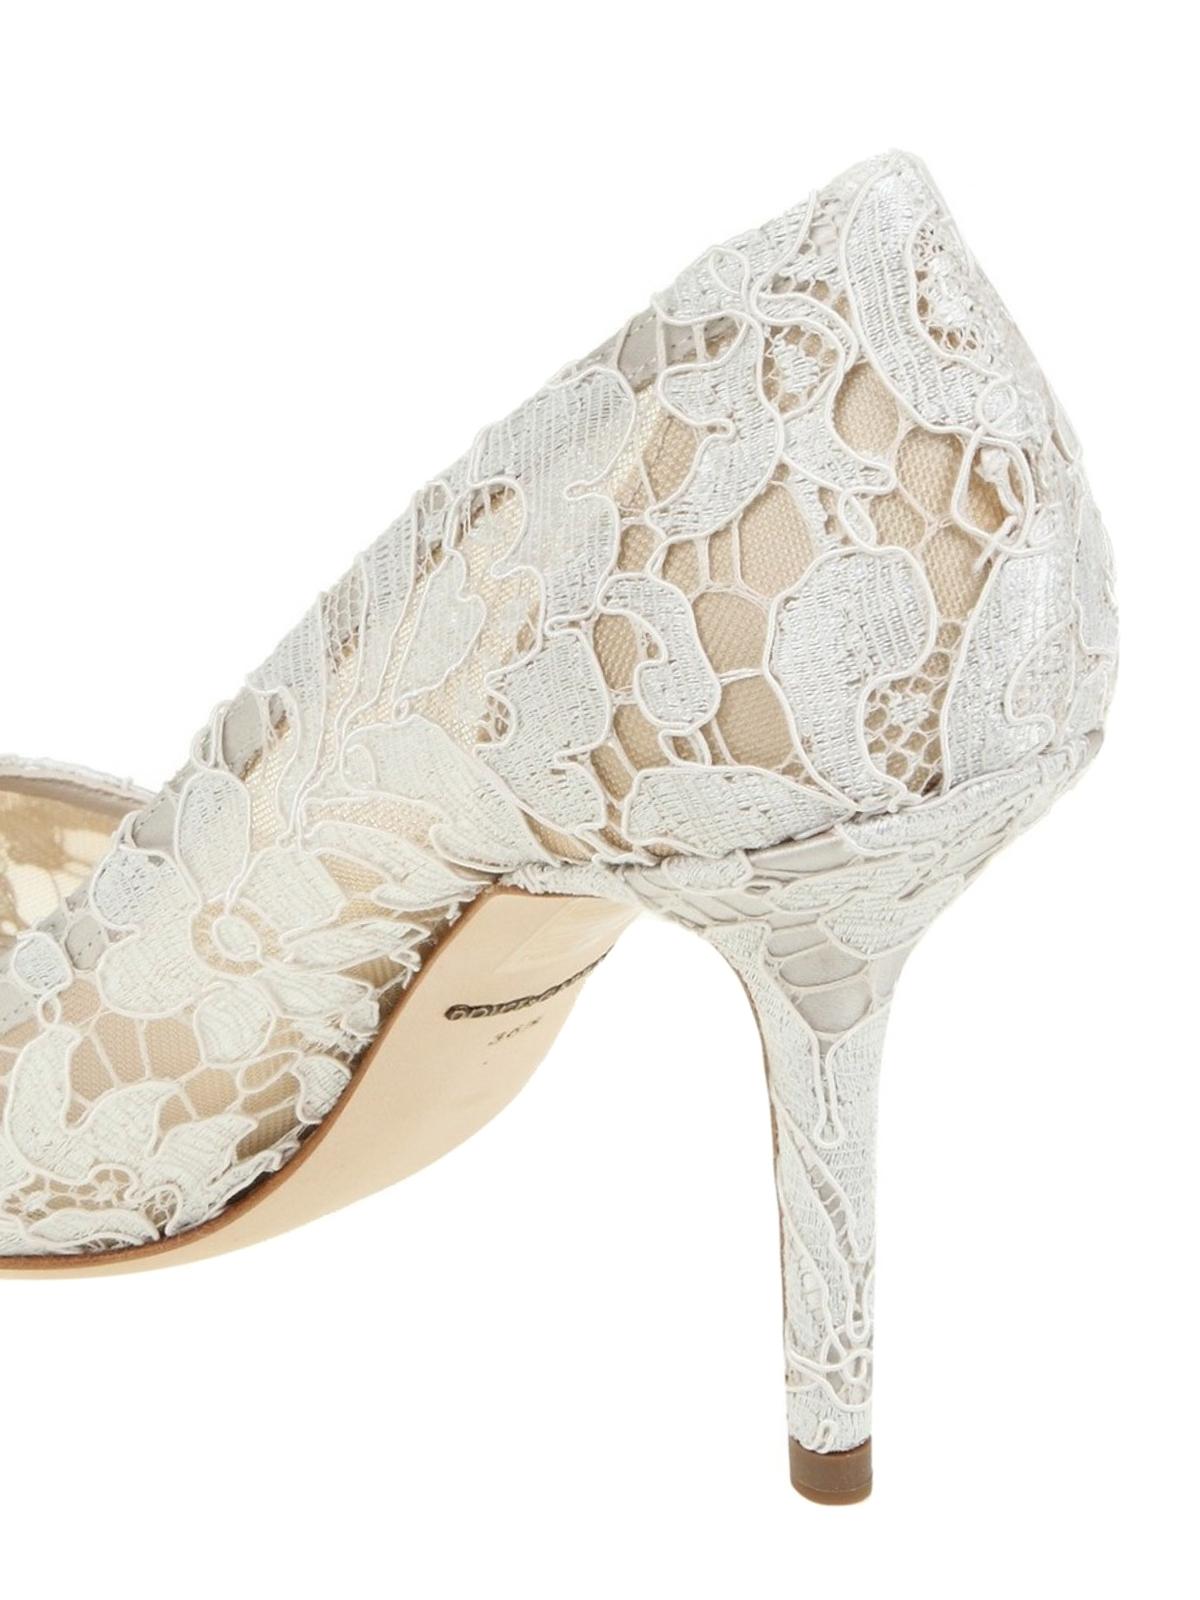 Gabbana - Bellucci white lace pumps